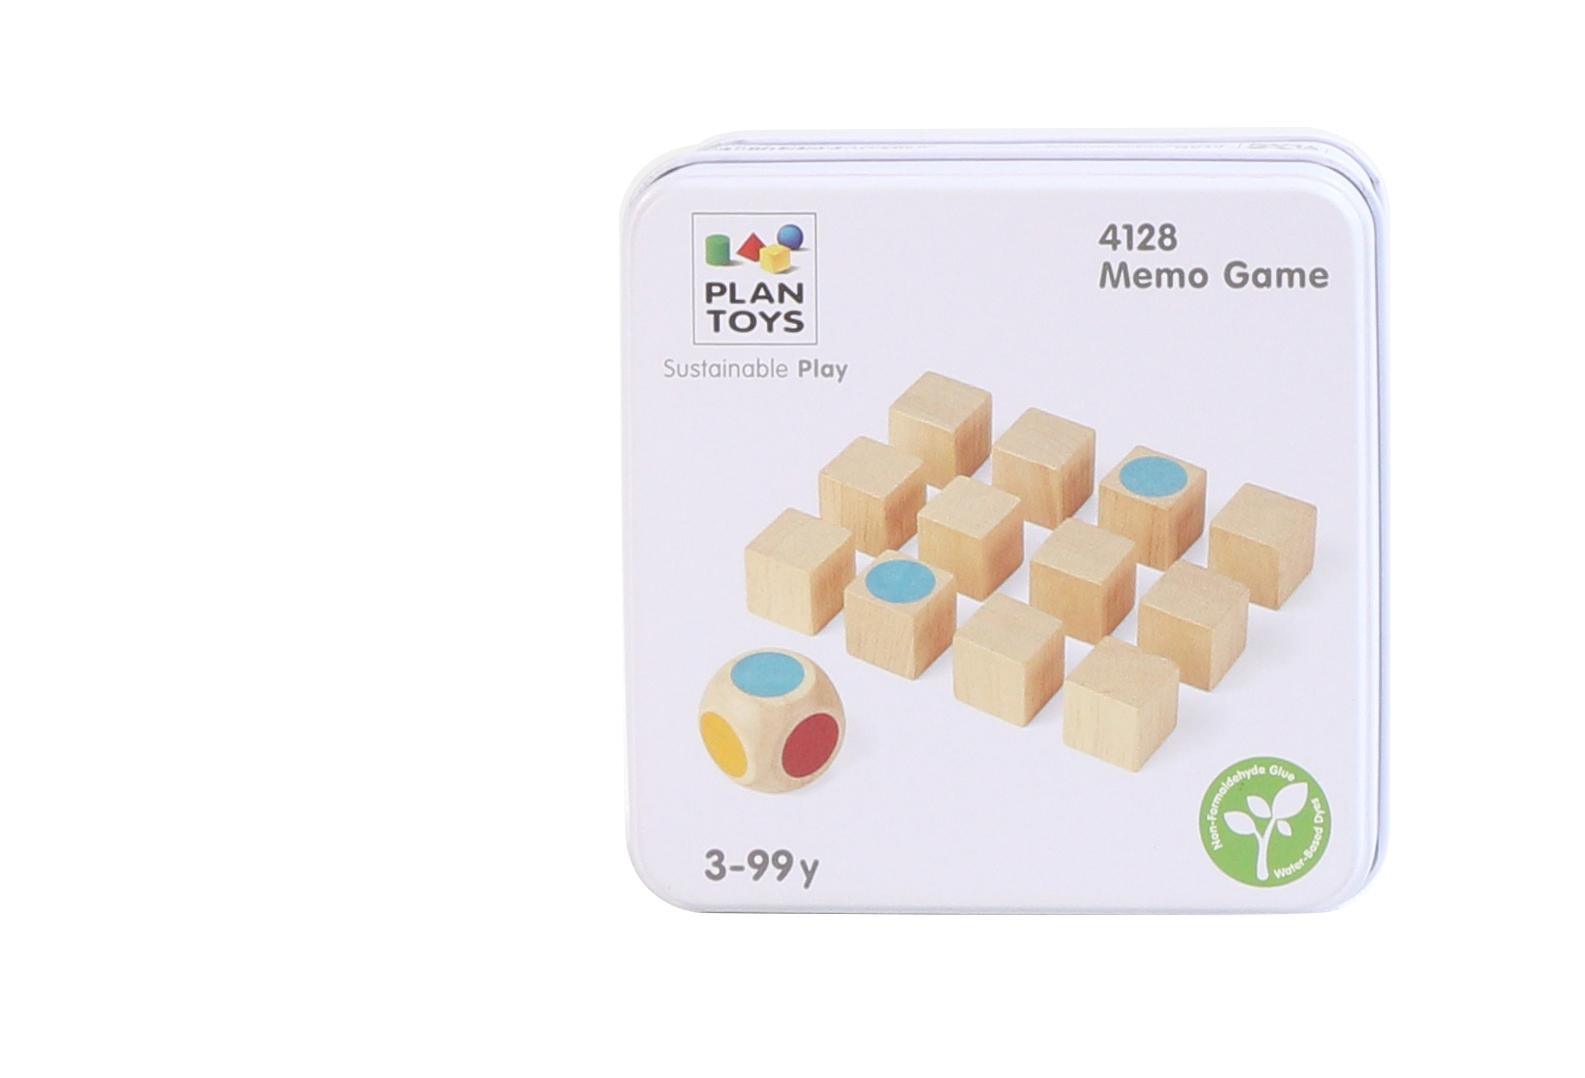 Plan Toys - Memo Game